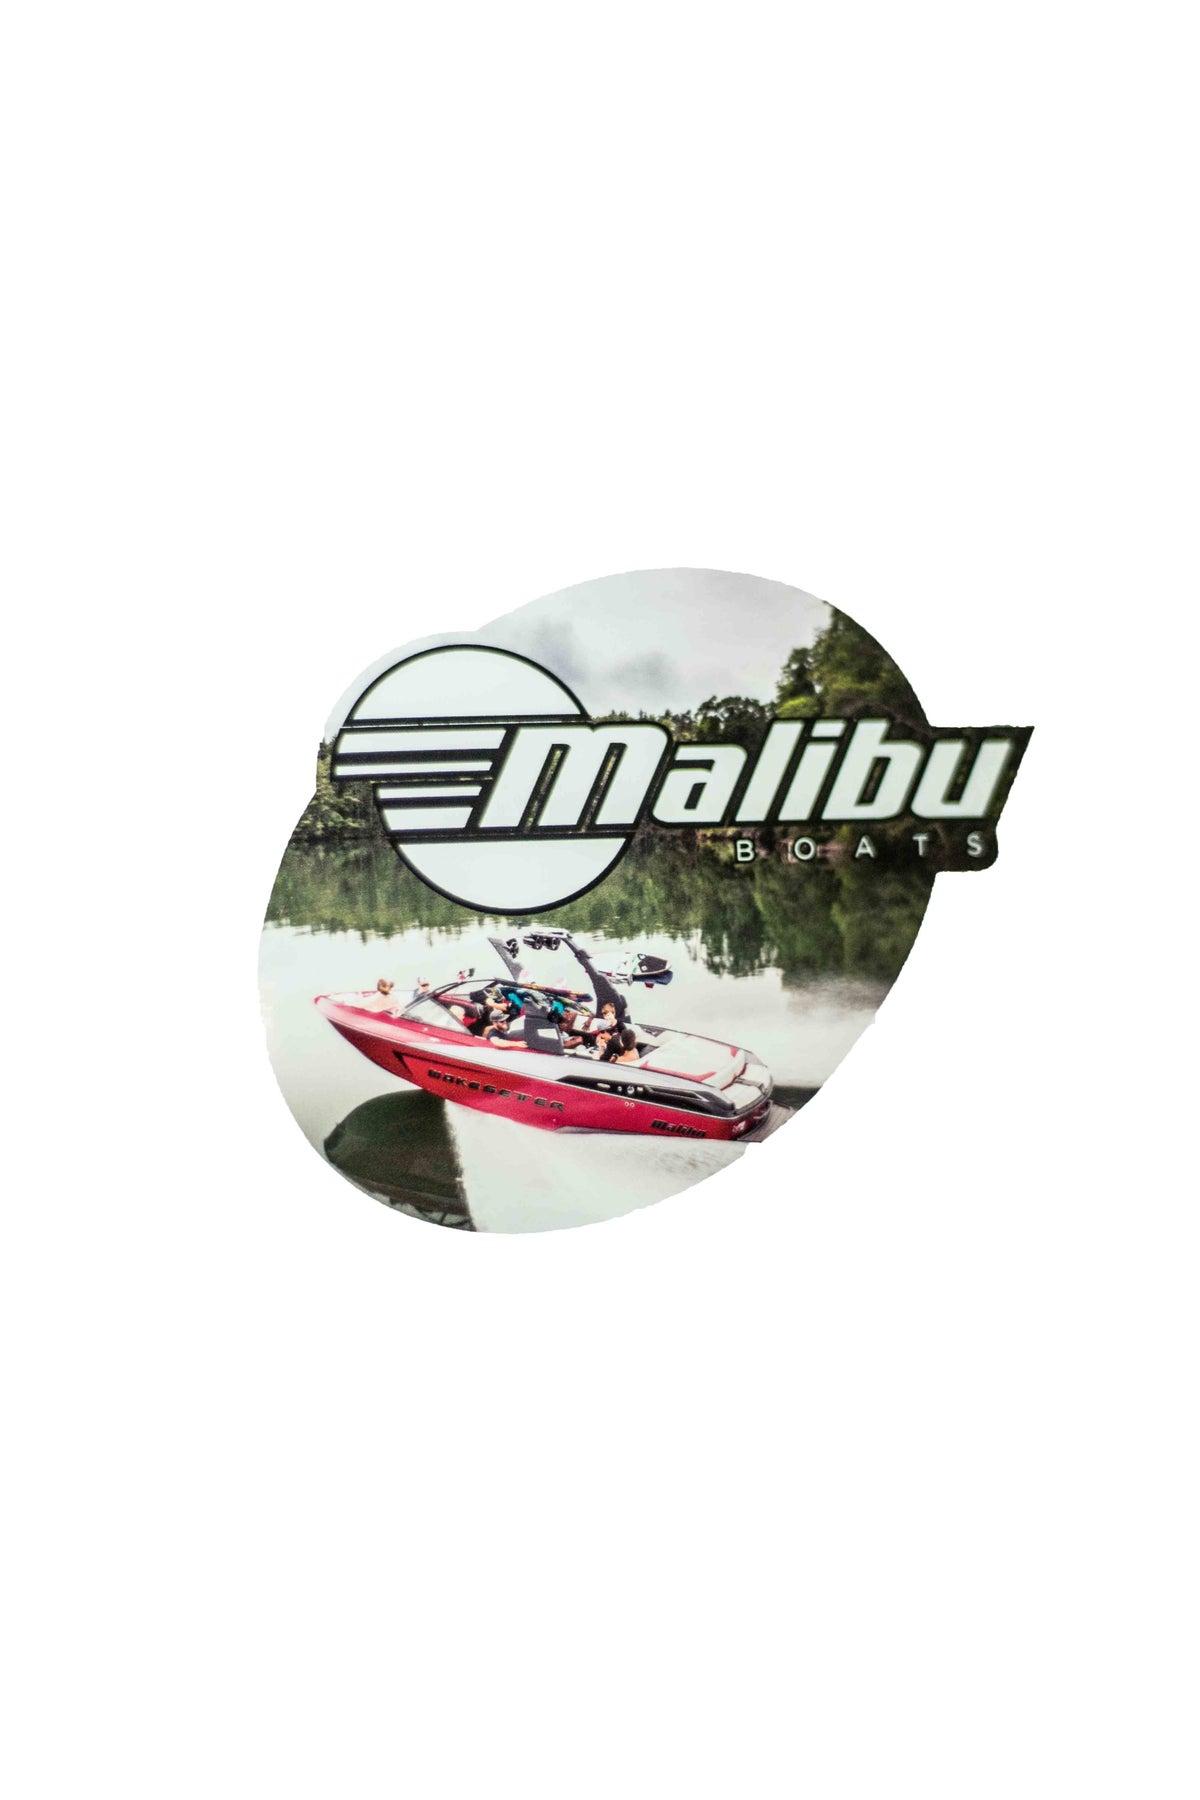 Image of Malibu Boats Sticker - Red